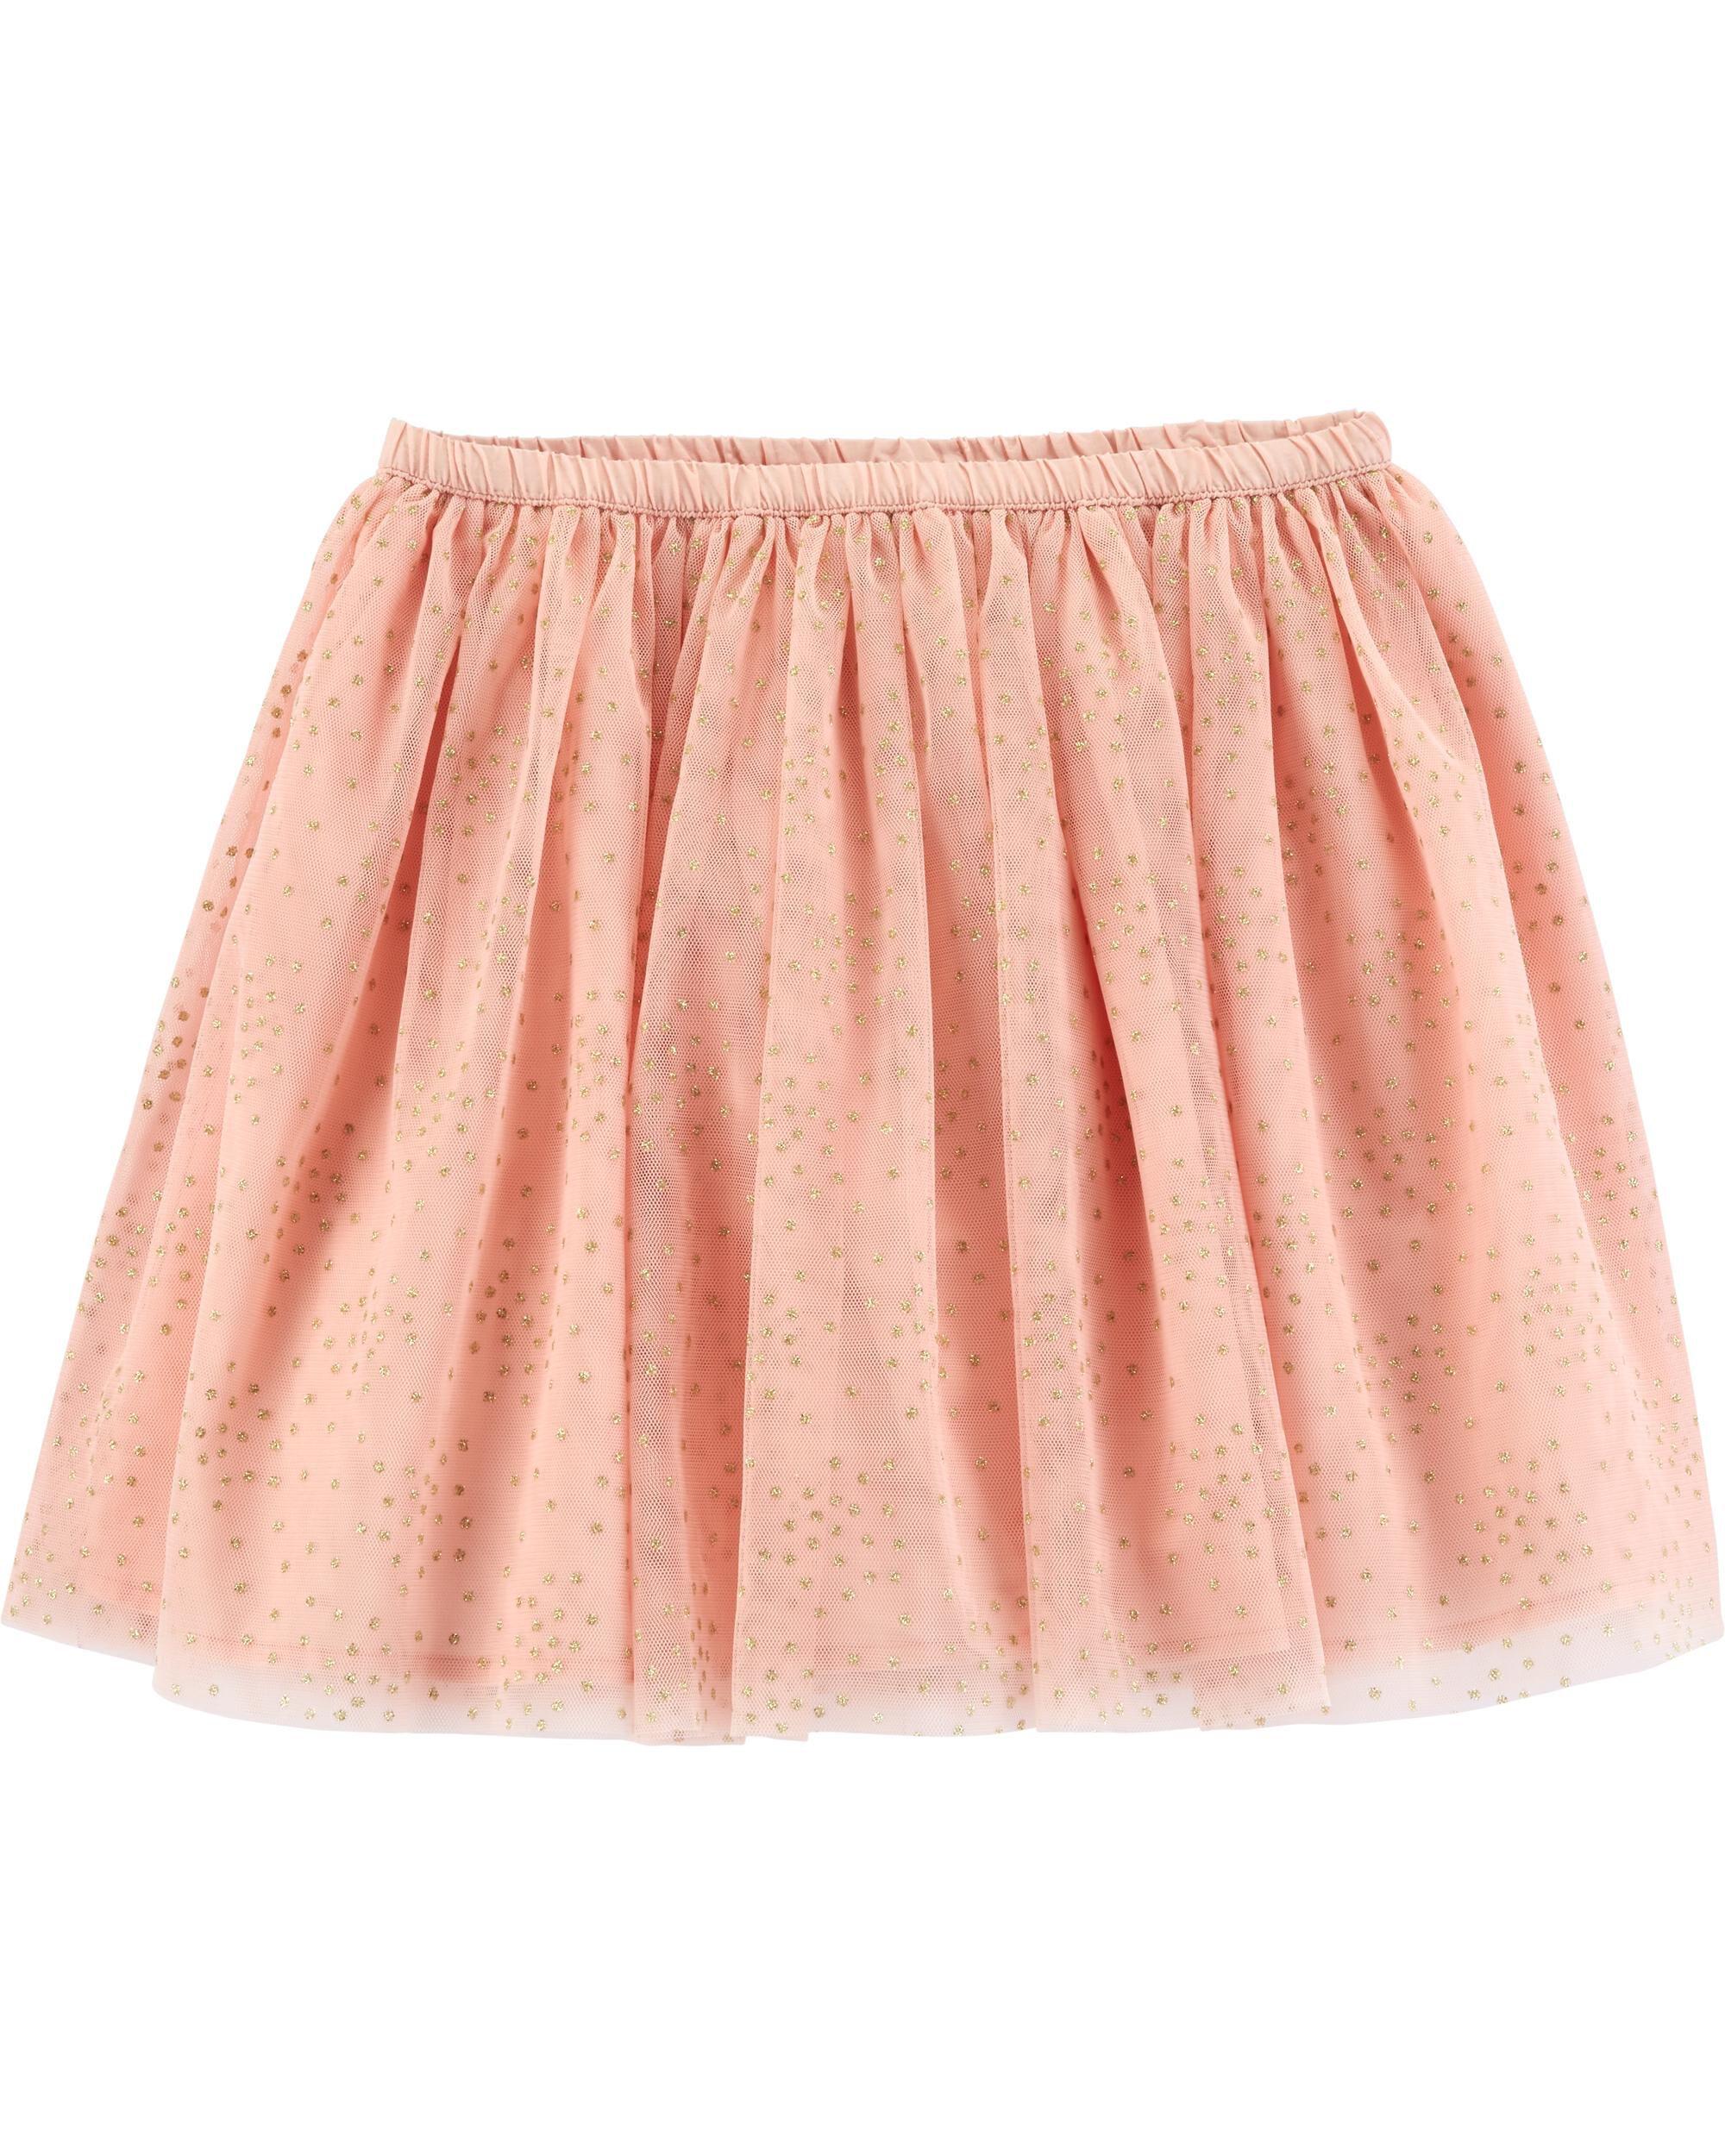 0e41a4e57d87 Glitter Tulle Skirt. Loading zoom